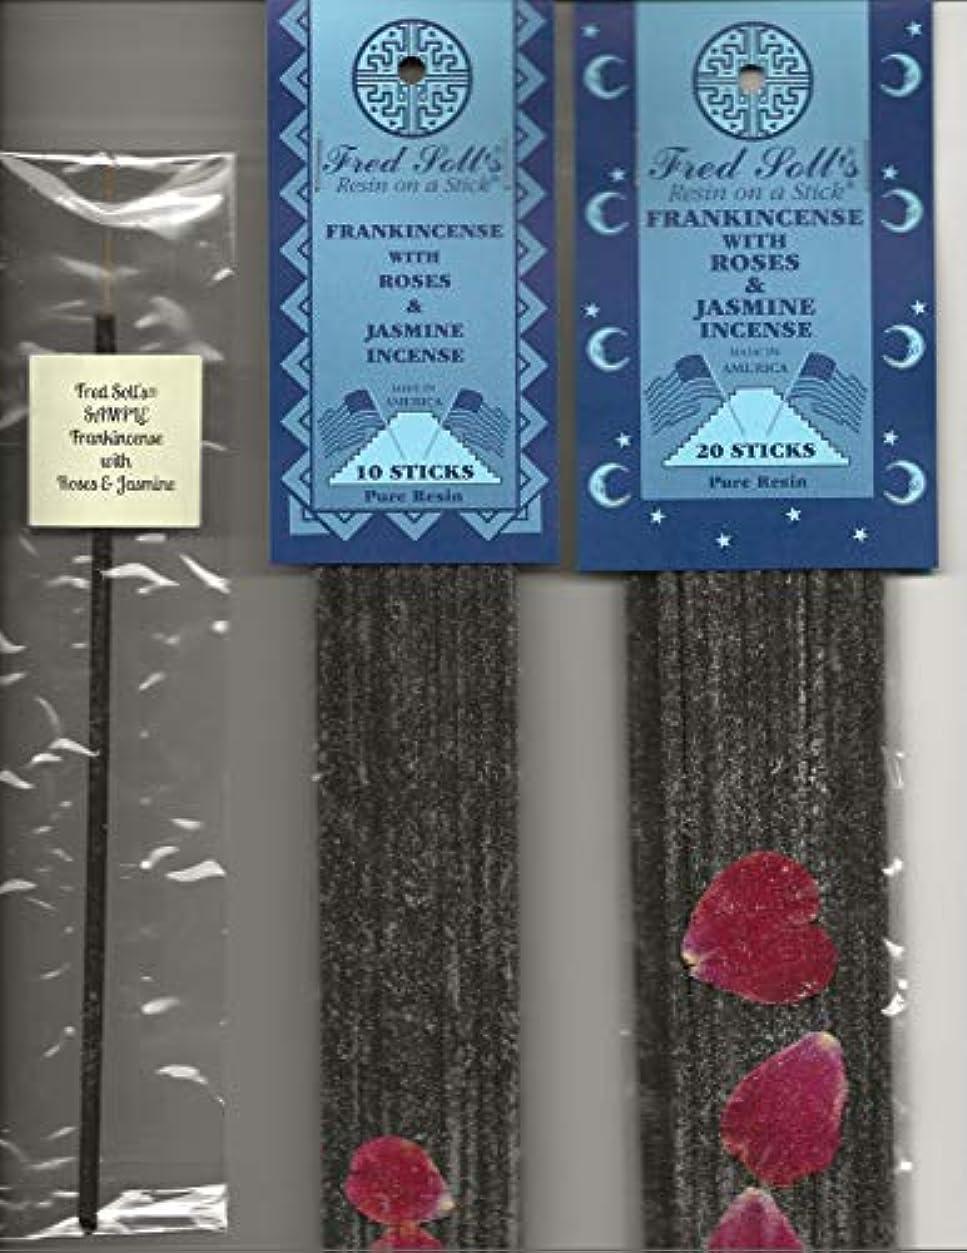 ゲートウェイ難民迷彩Fred Soll 's Frankincense with Roses &ジャスミンお香、20 Sticks